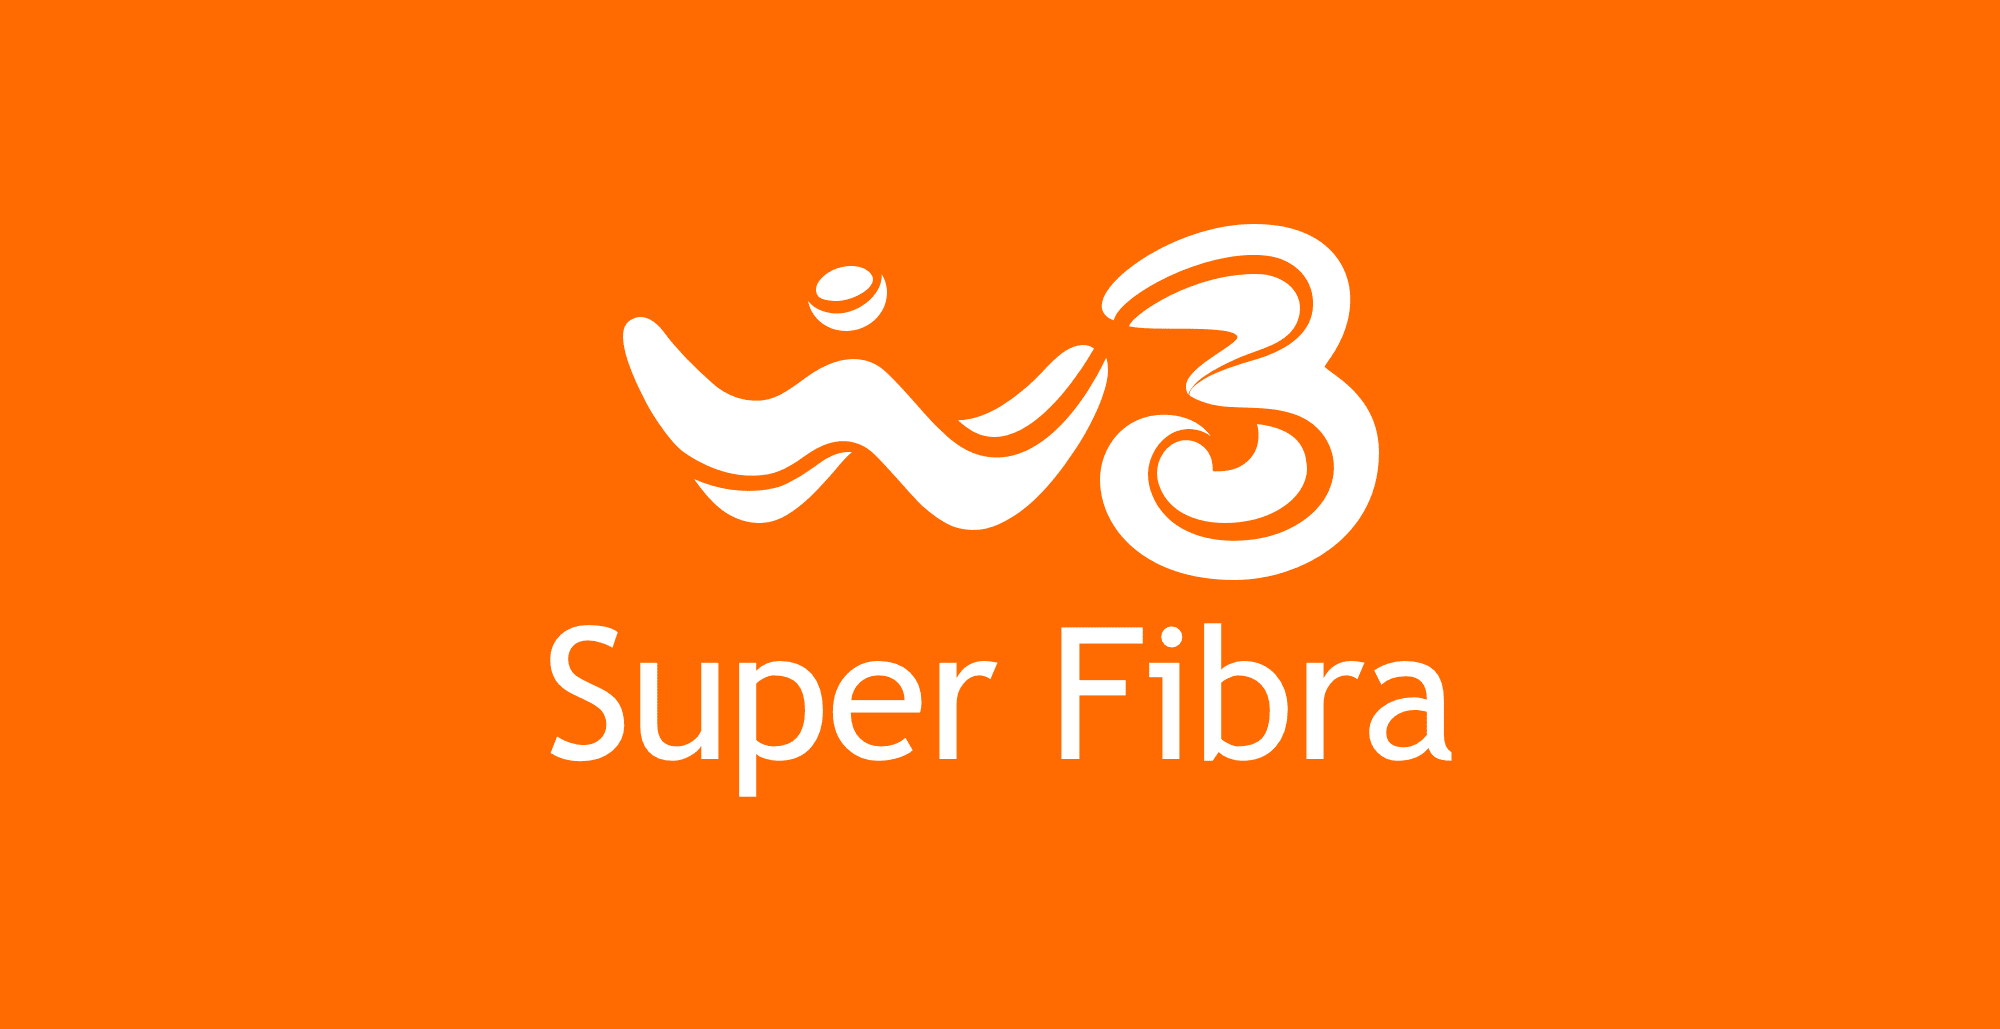 WindTre Super Fibra